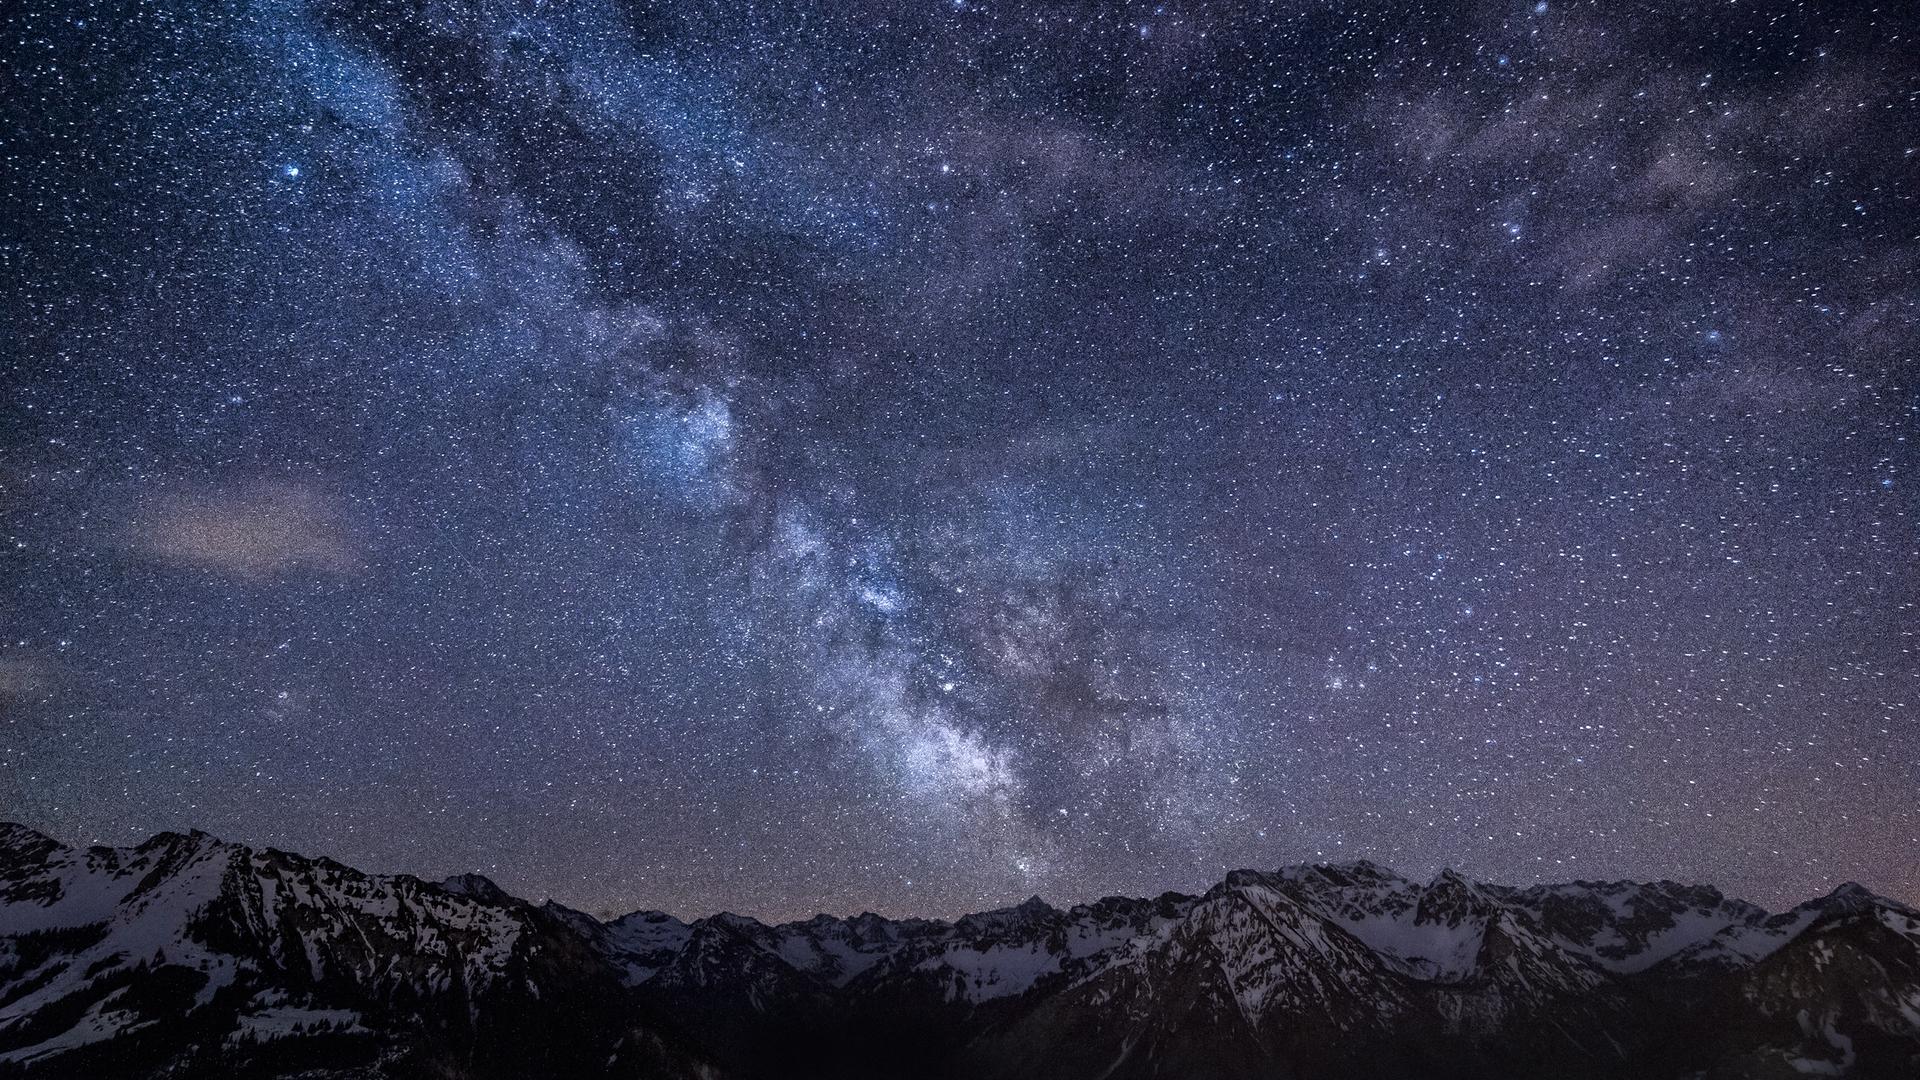 beautiful night sky wallpaper   ForWallpapercom 1920x1080